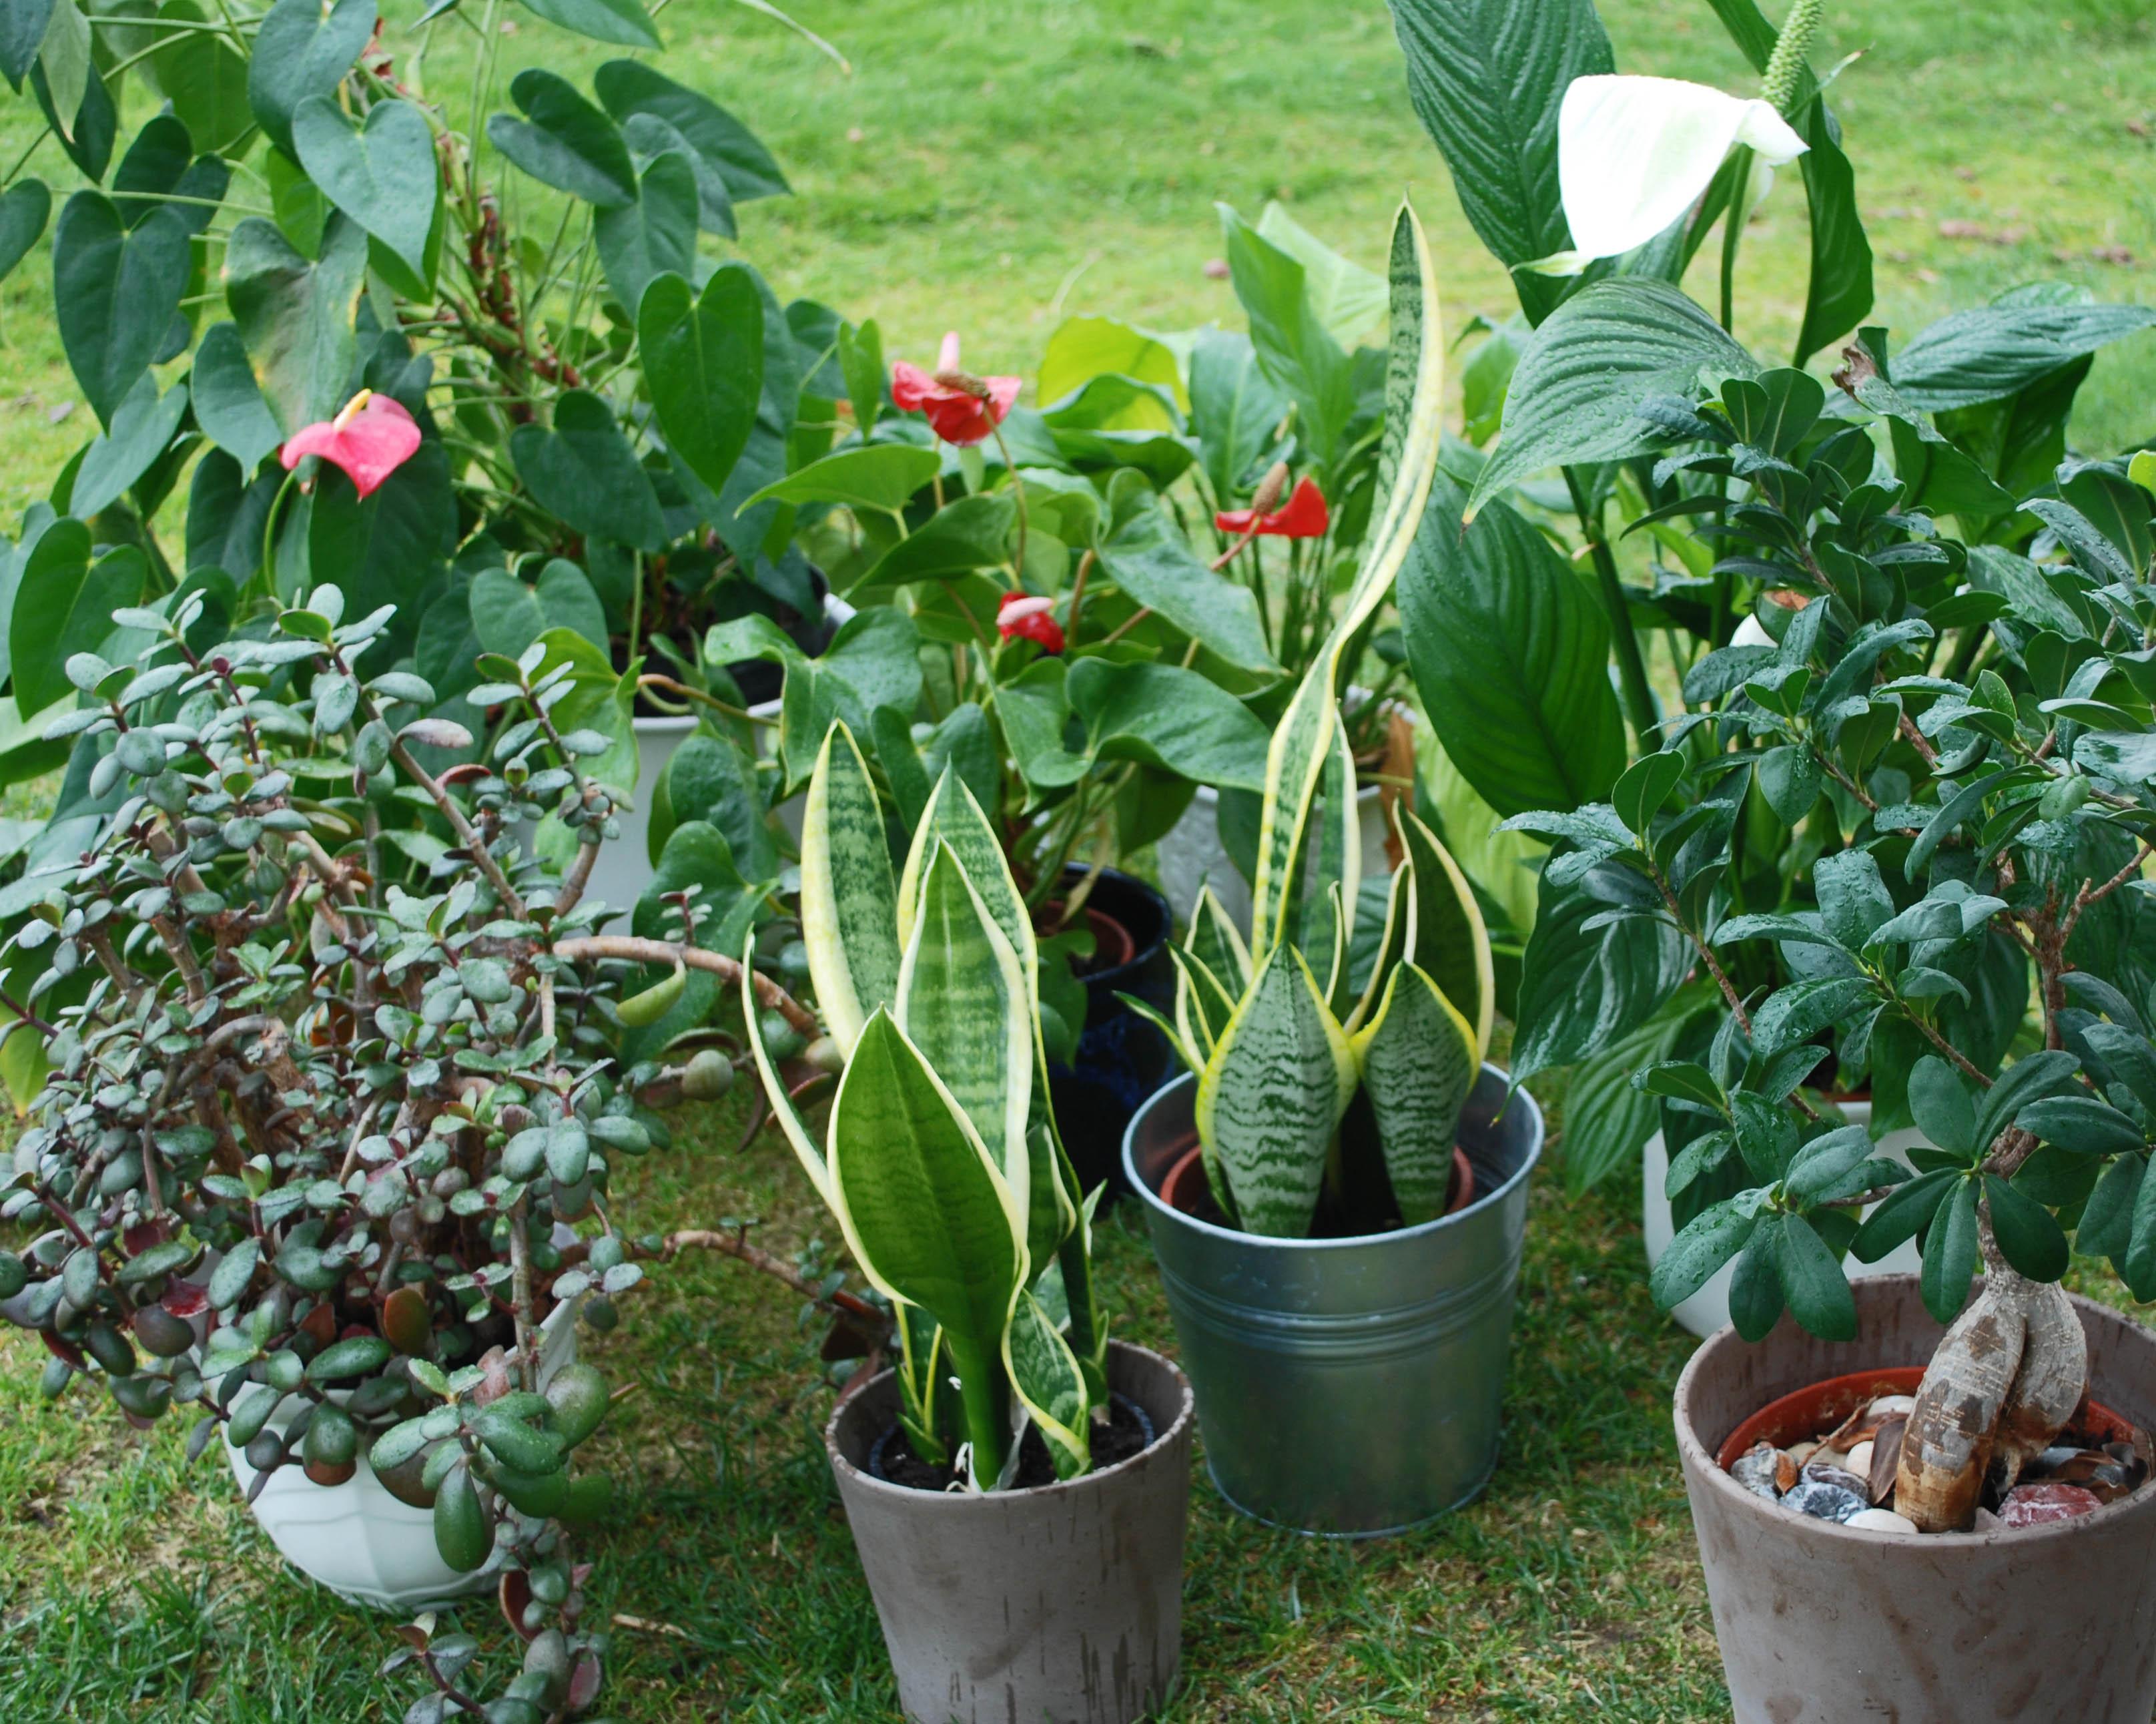 luftrenandeväxter